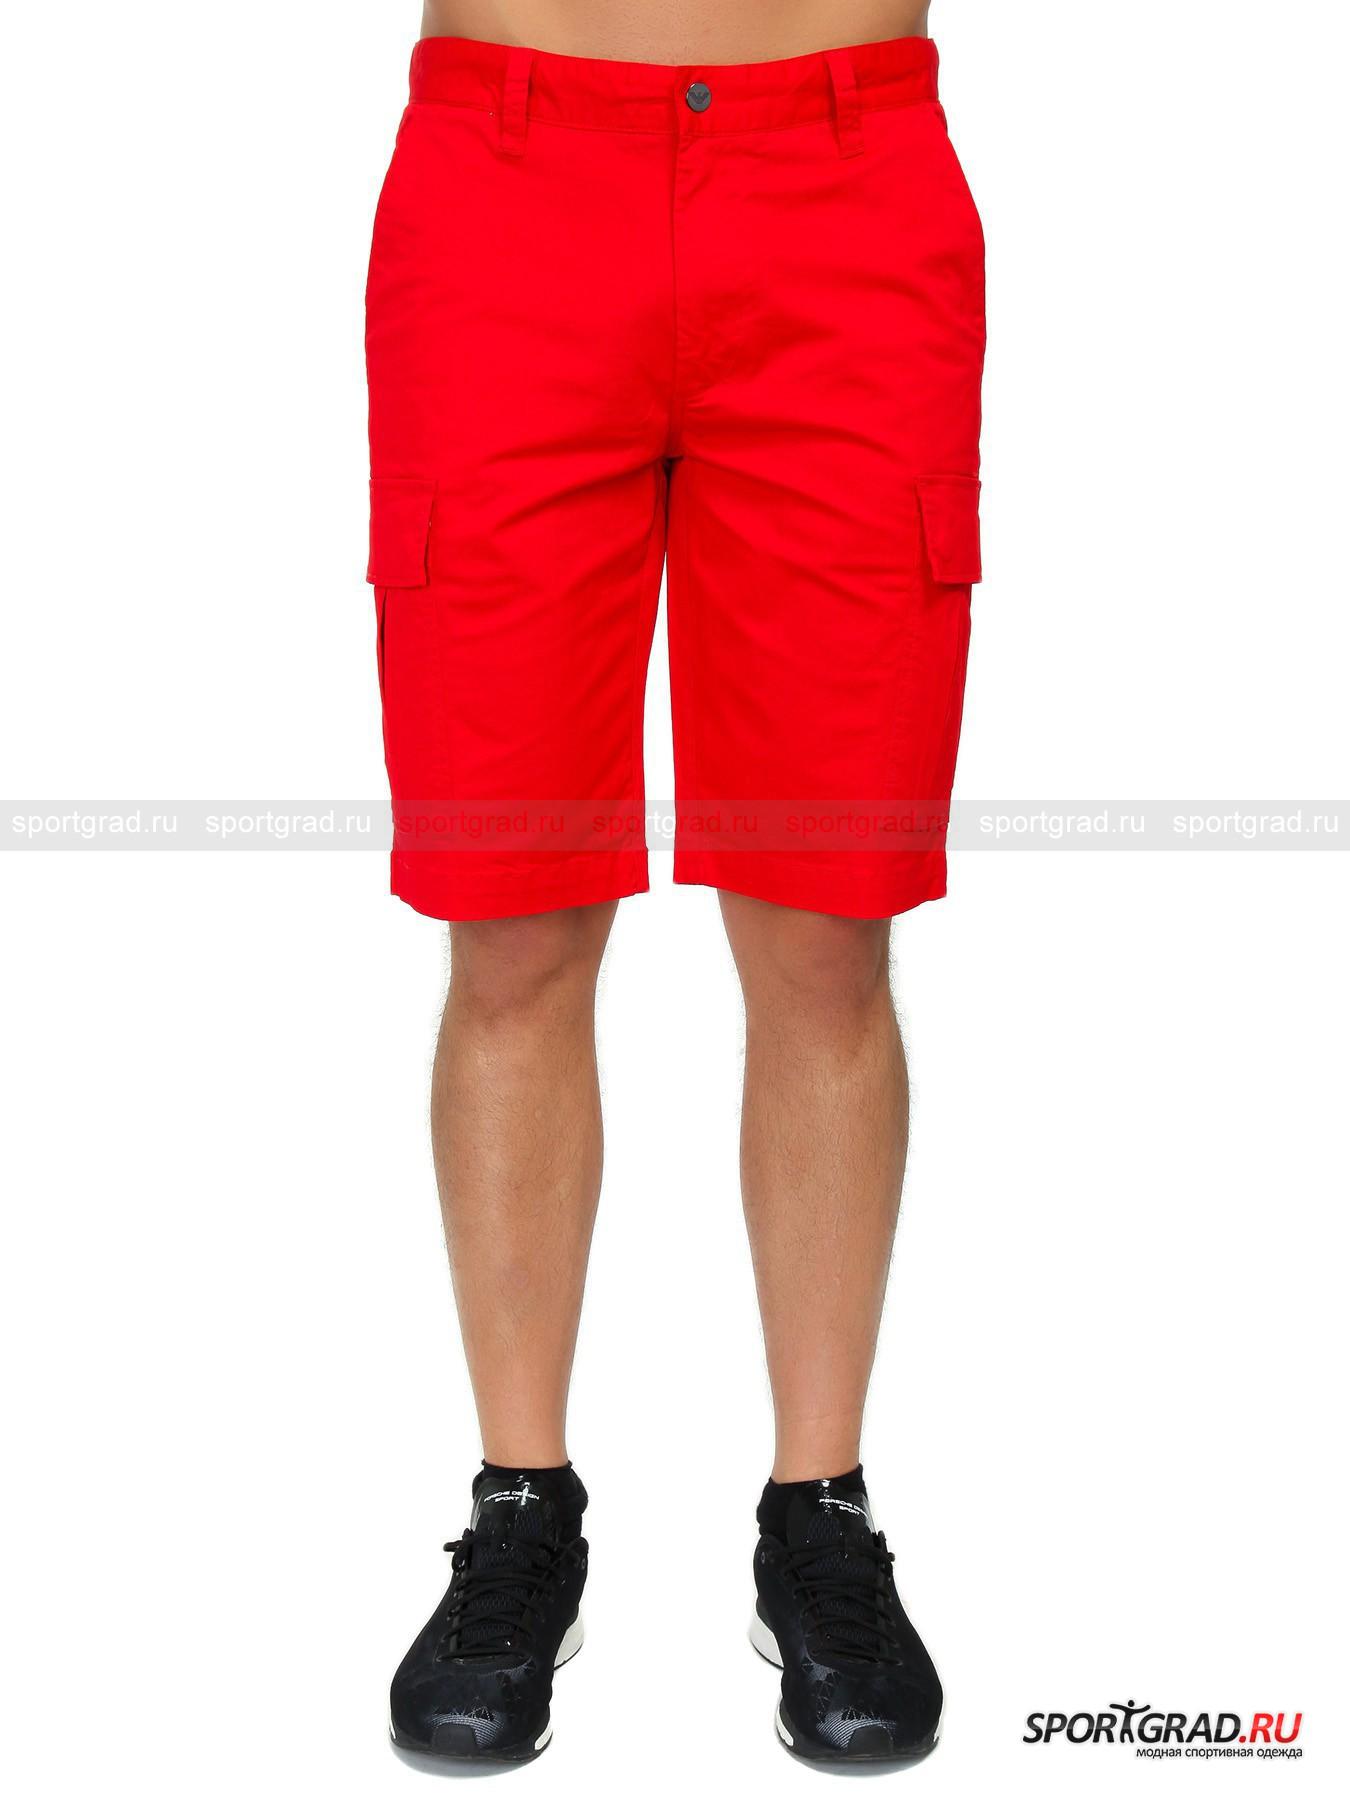 Шорты мужские EMPORIO ARMANIШорты, Велосипедки<br>Выполненные в стиле милитари хлопковые шорты карго EA7 Emporio Armani. Они имеют достаточно свободный крой, и вмест с ними хорошо будут сочетаться как рубашка или поло, так и футболку или толстовку. В качестве обуви идеально подойдут кроссовки или топсайдеры, но, разумеется, выбор остаётся за Вами. Натуральная хлопковая ткань стретч имеет приятную телу структуру, тянется, отлично вентилируется и быстро сохнет, что особенно важно в тёплое время года. Шорты снабжены двумя прорезными фронтальными карманами, 2 прорезными с клапанами сзади и 2 боковыми объёмными с клапанами на кнопках. Также эта стильная модель снабжена удобными шлёвками для ремня и стильными фурнитурой с логотипами EA7 EMPORIO ARMANI.<br><br>Пол: Мужской<br>Возраст: Взрослый<br>Тип: Шорты, Велосипедки<br>Рекомендации по уходу: Деликатная ручная стирка при температуре 30 градусов, щадящий ручной отжим, гладить при температуре до 120 градусов.<br>Состав: 97% хлопок, 3% эластан